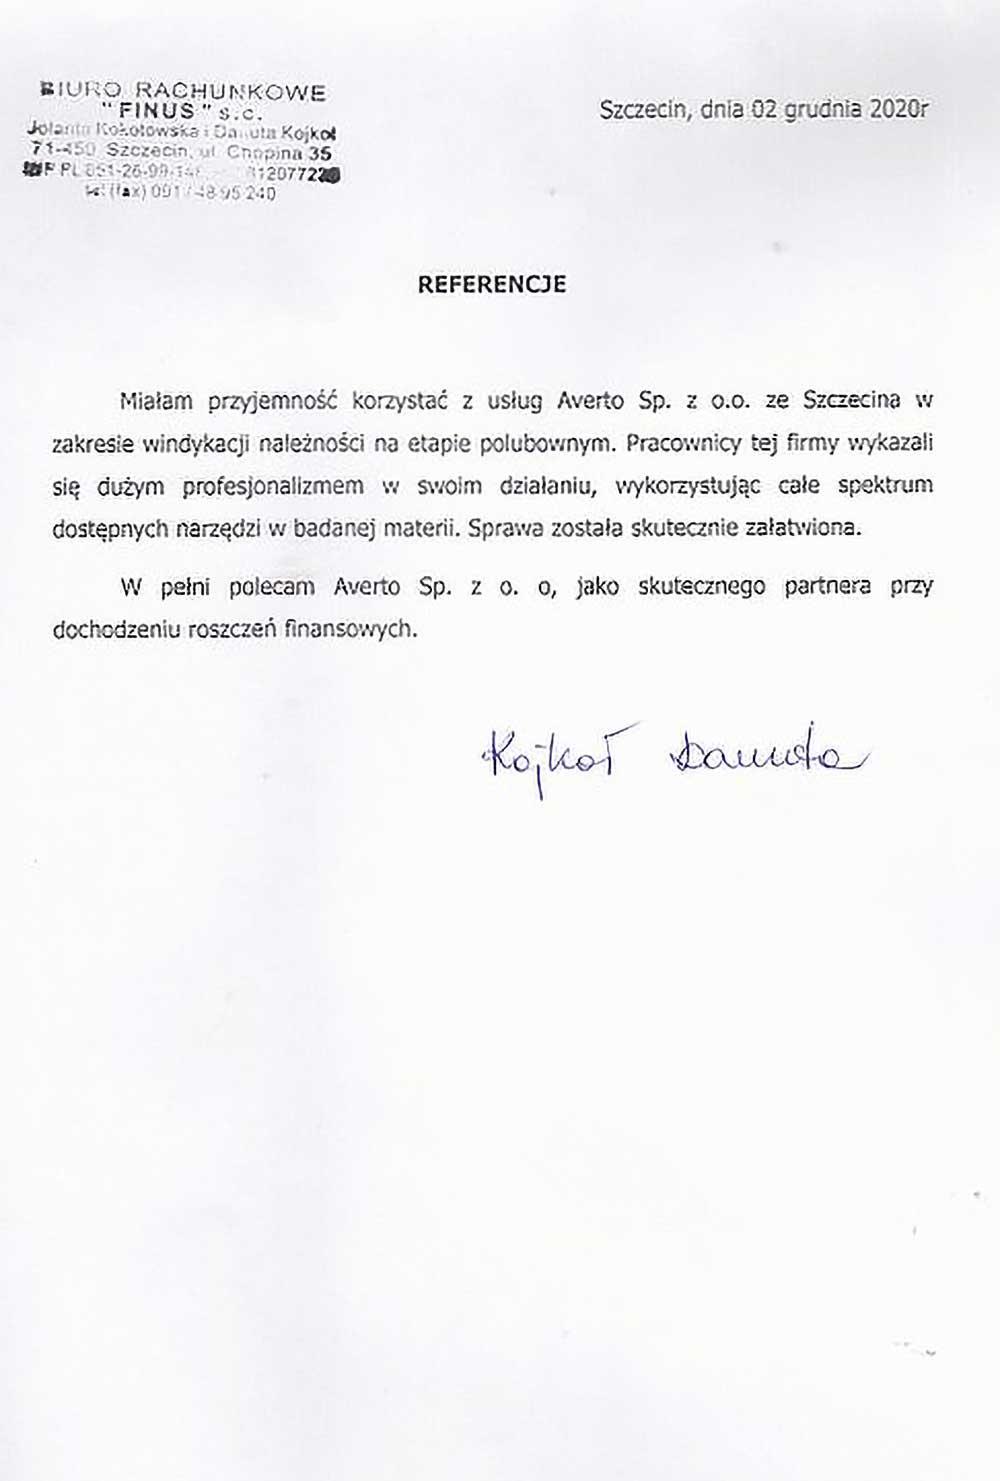 Referencja od Wojciecha Markiewicza (SEL – Wojciech Markiewicz)